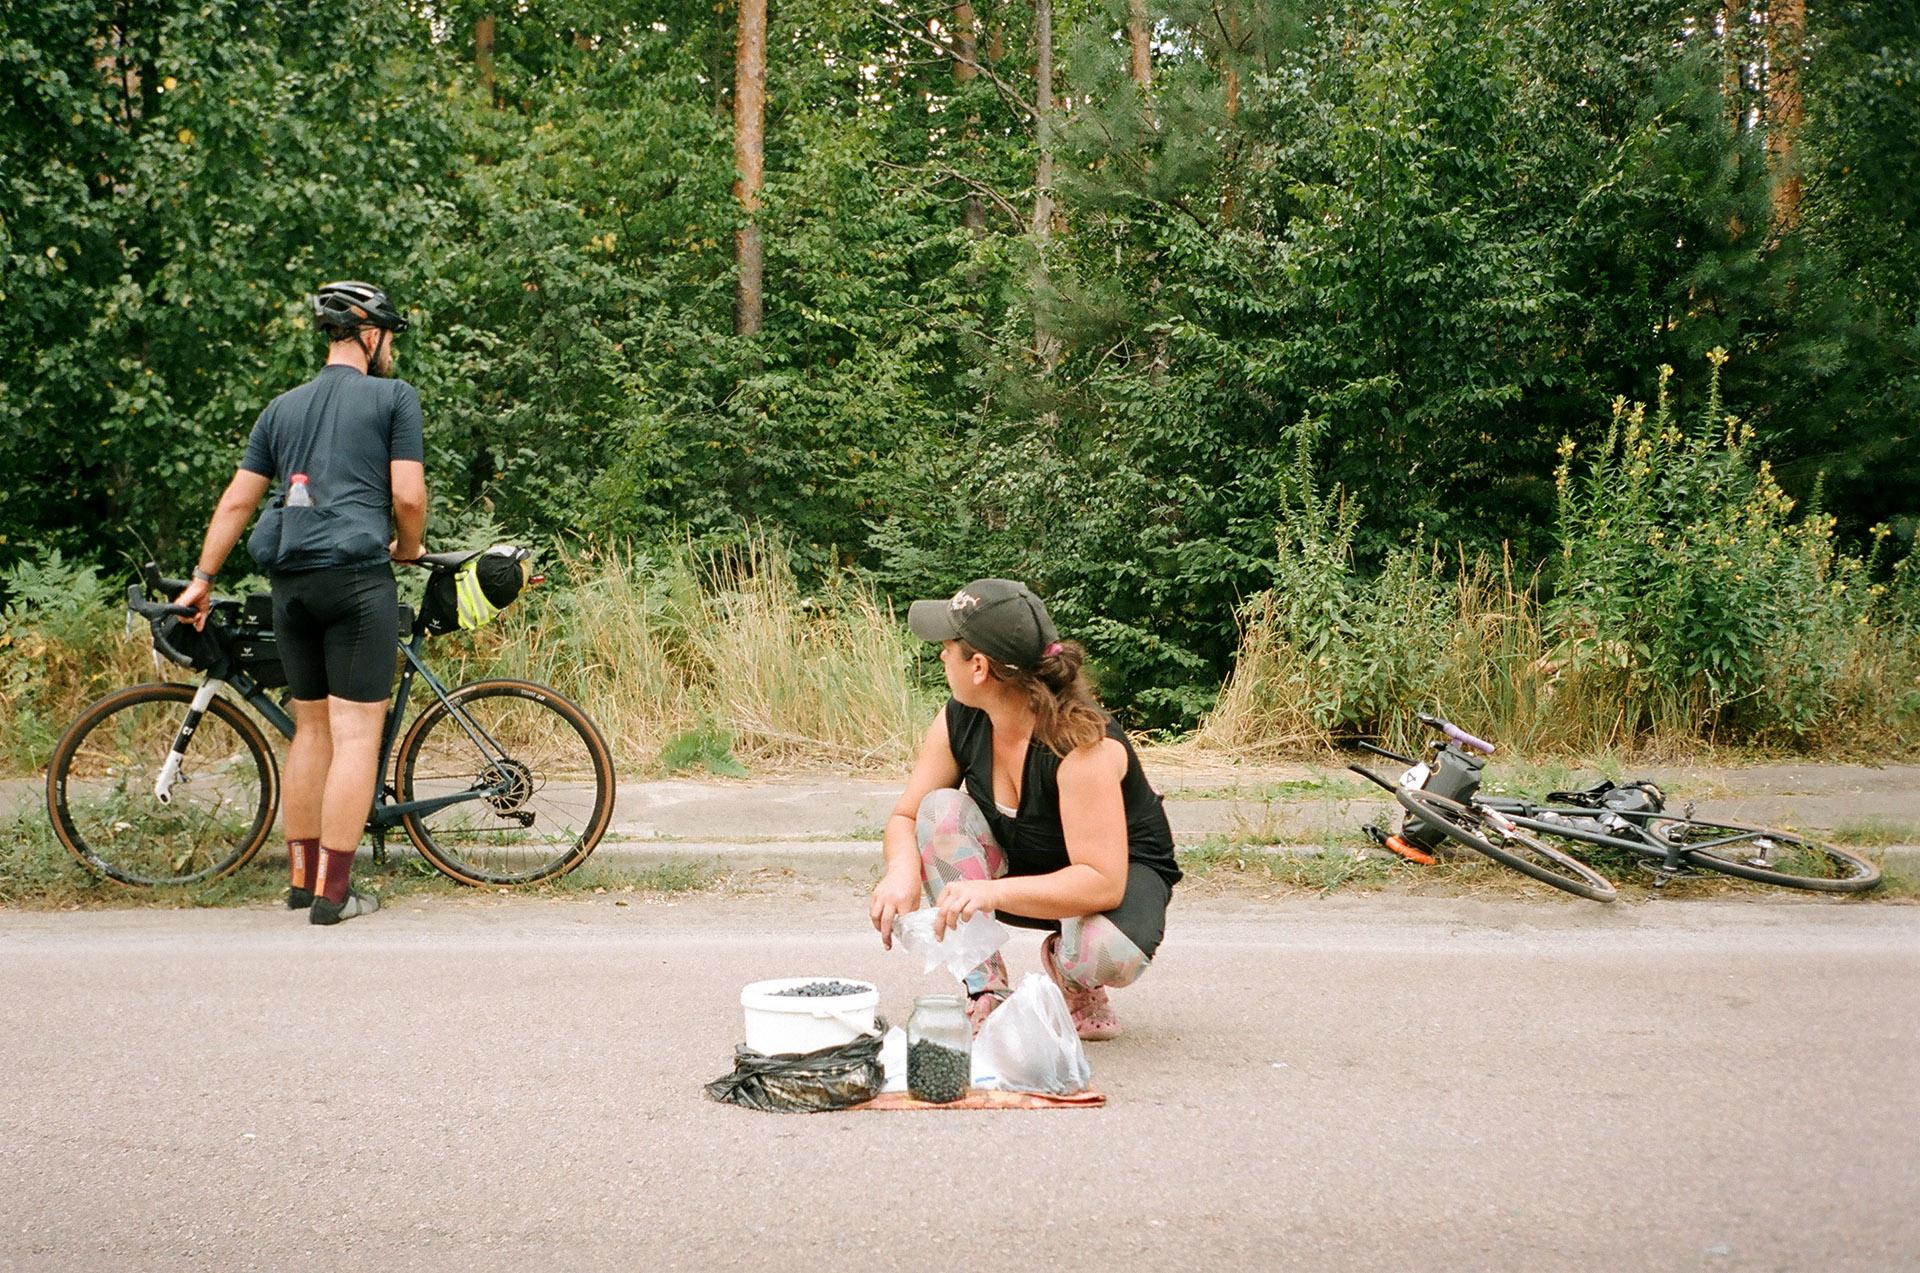 Група людей, які їздять на задній частині велосипеда